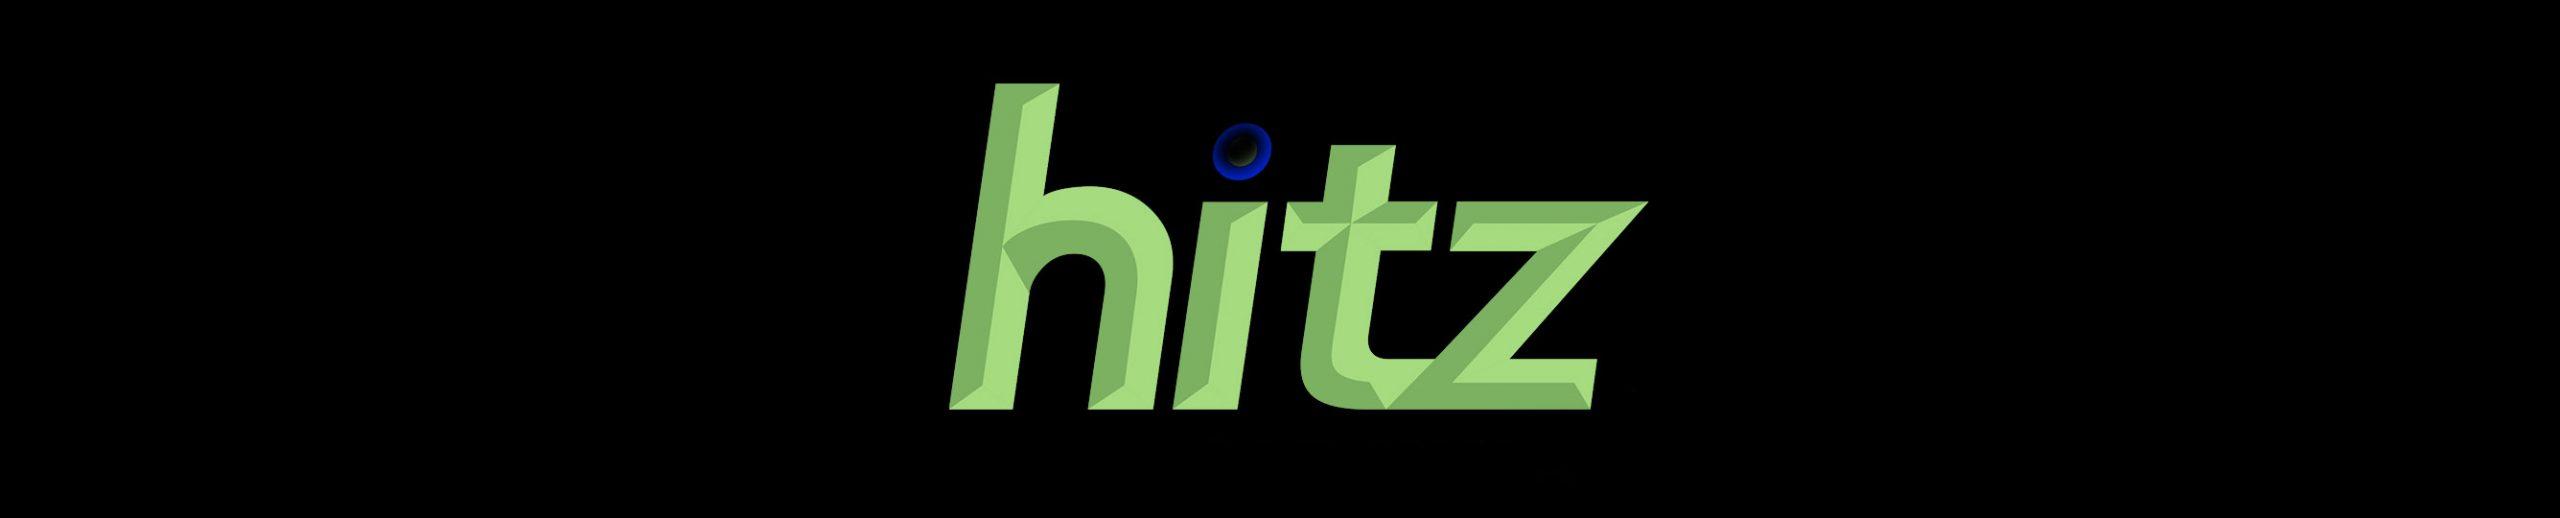 Hitz Casino